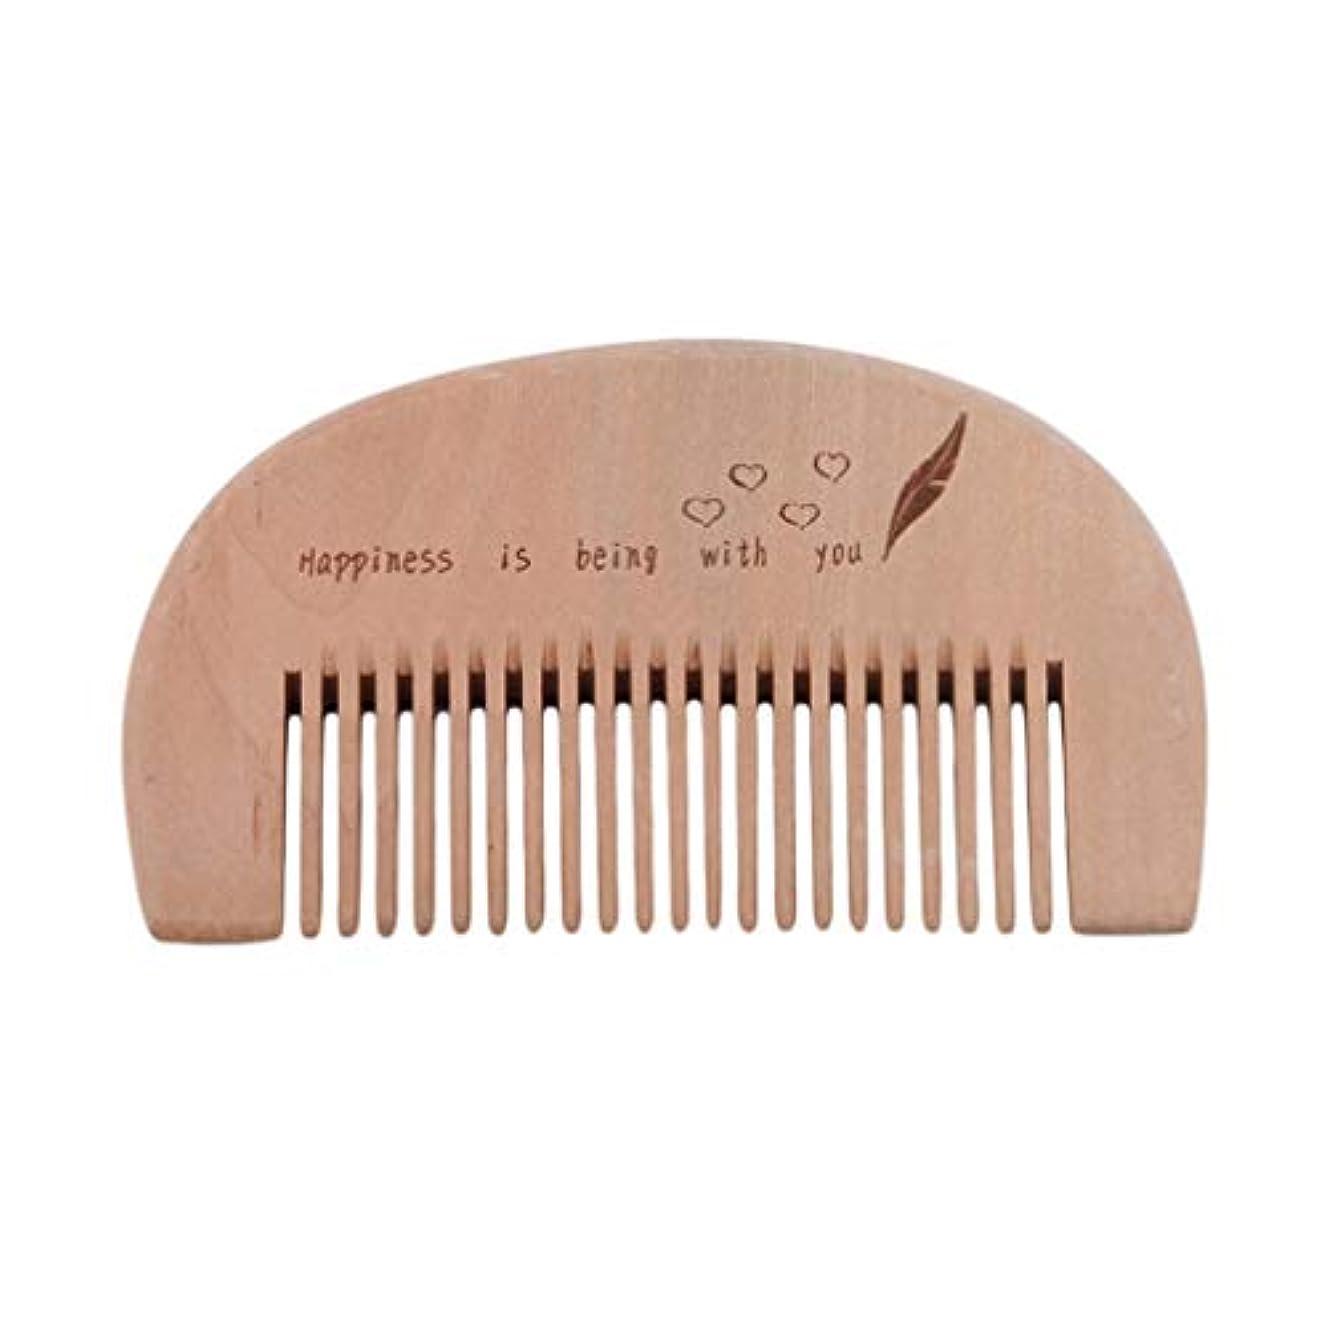 限られた悪名高いゲートMARUIKAO ヘアブラシ 半月形 木製櫛 美髪ケア 静電防止コーム メンズ レディース用